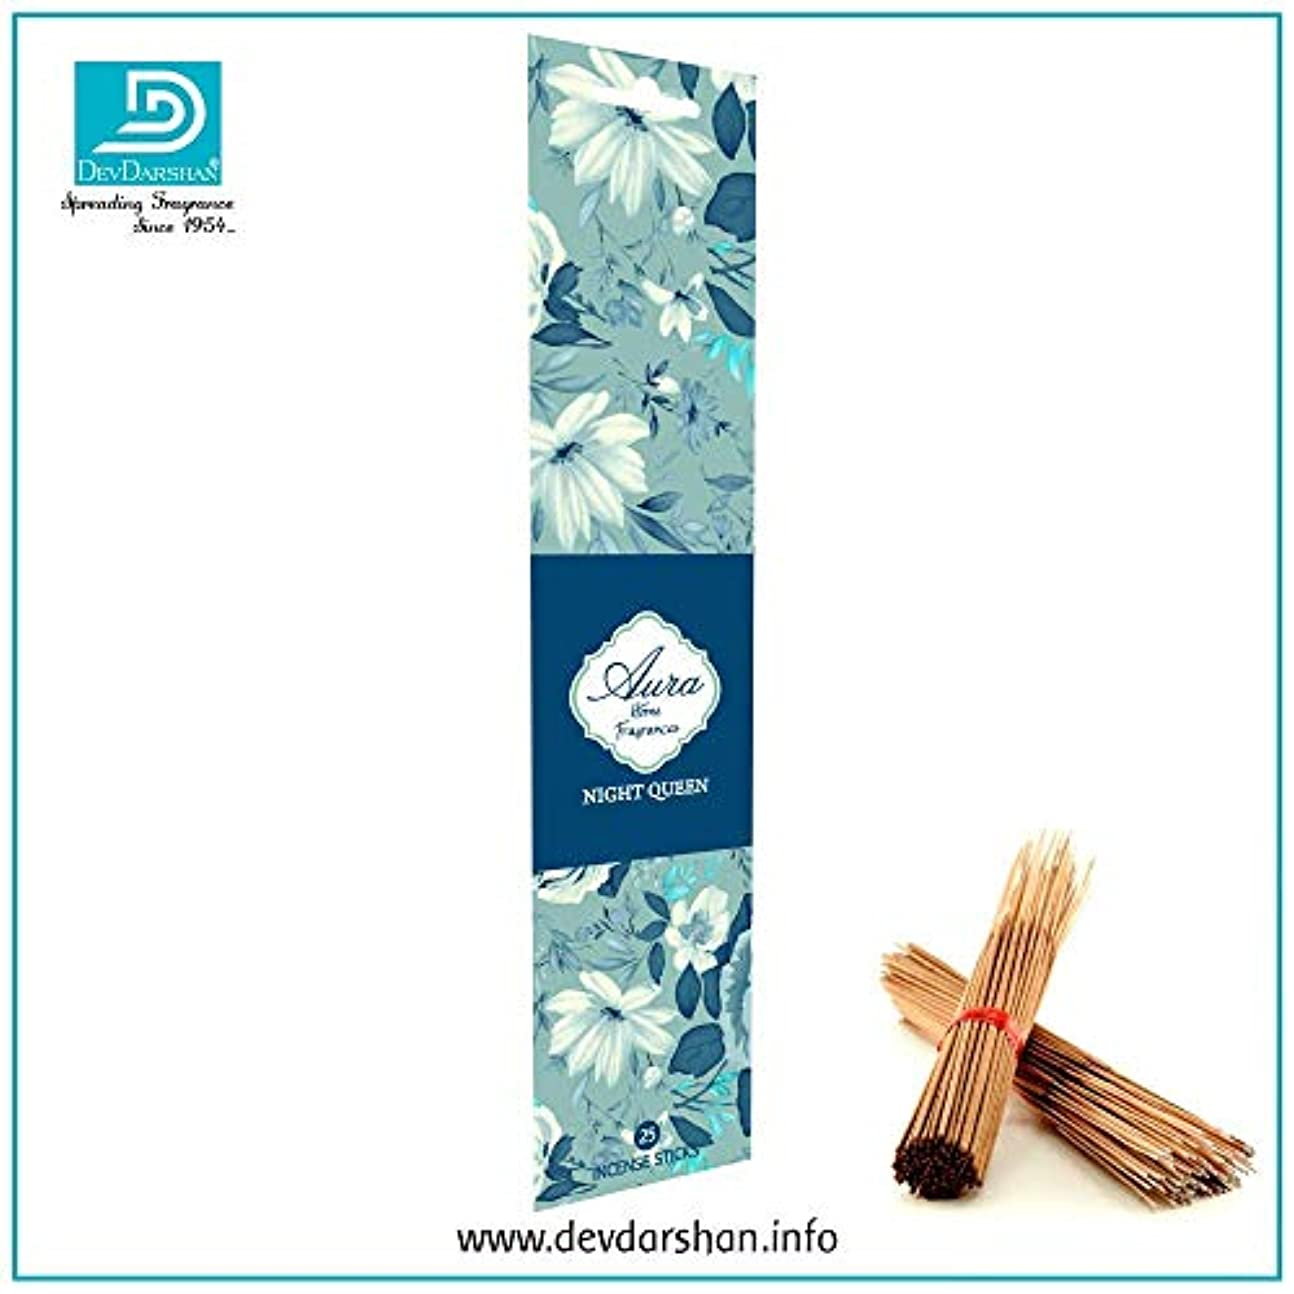 優先権将来の仕出しますDevdarshan Aura Night Queen 3 Packs of 25 Incense Stick Each